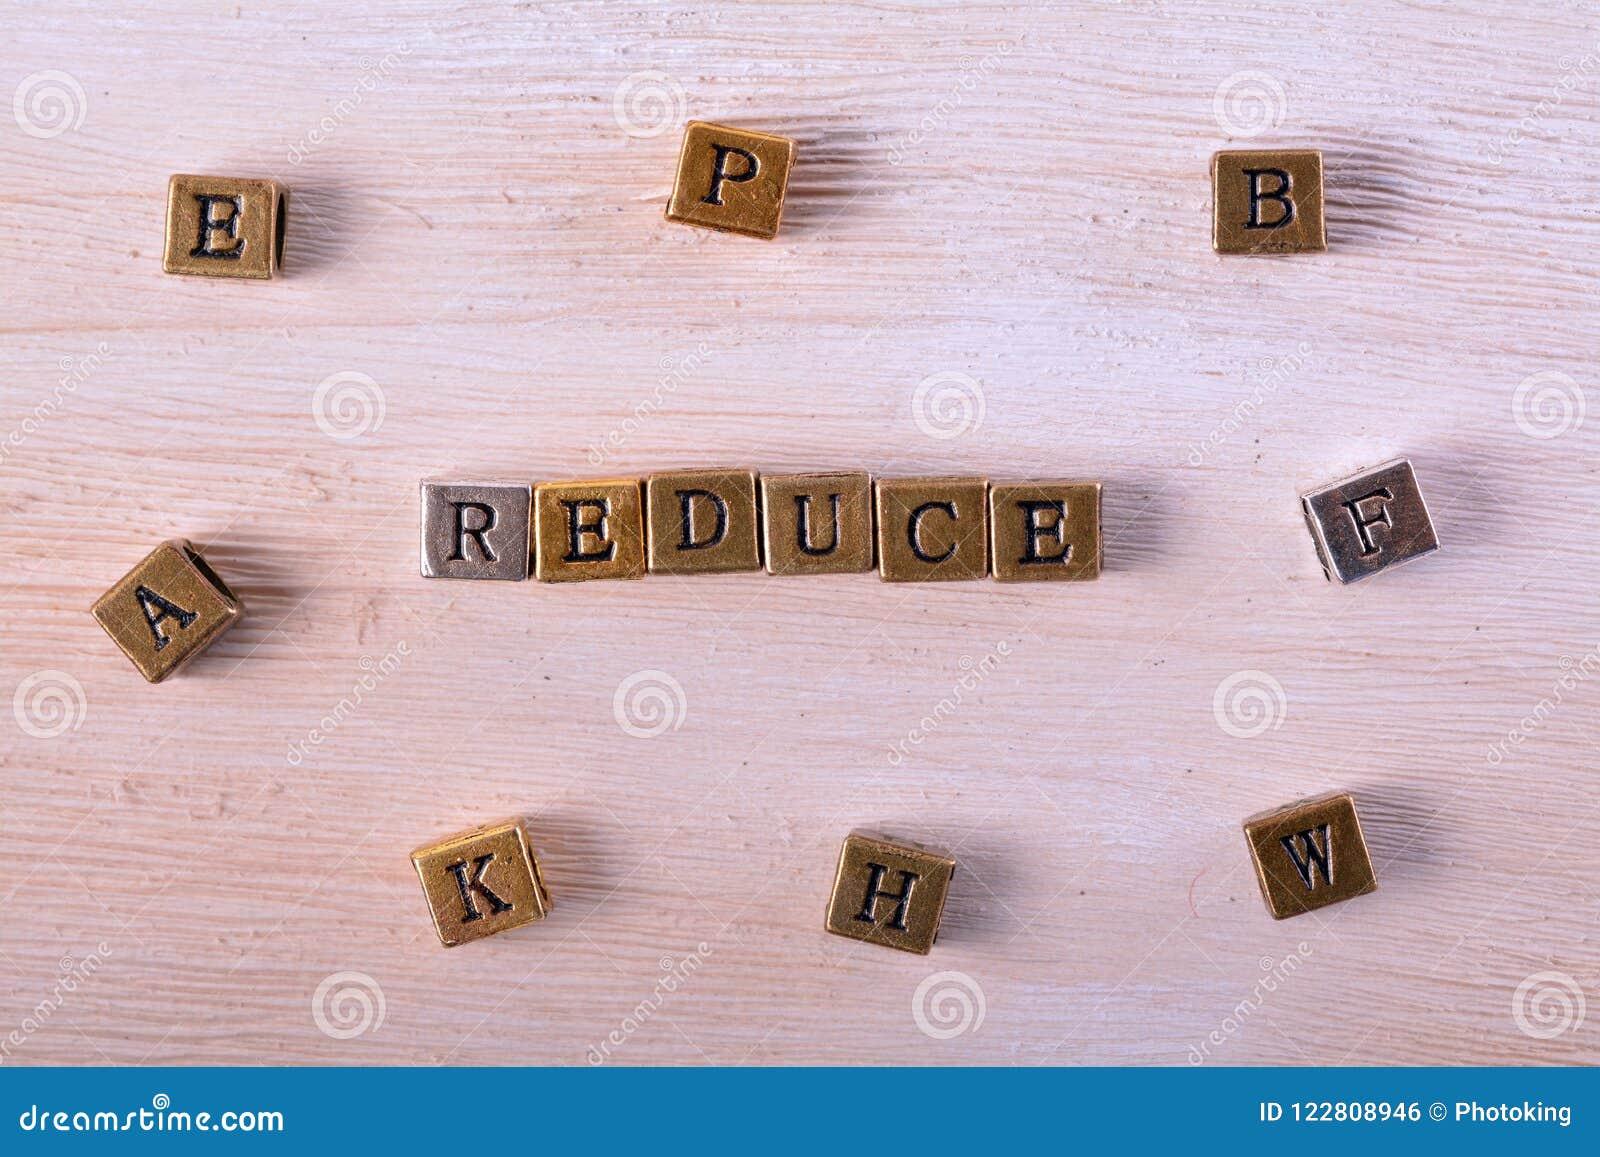 Reduce word metal block